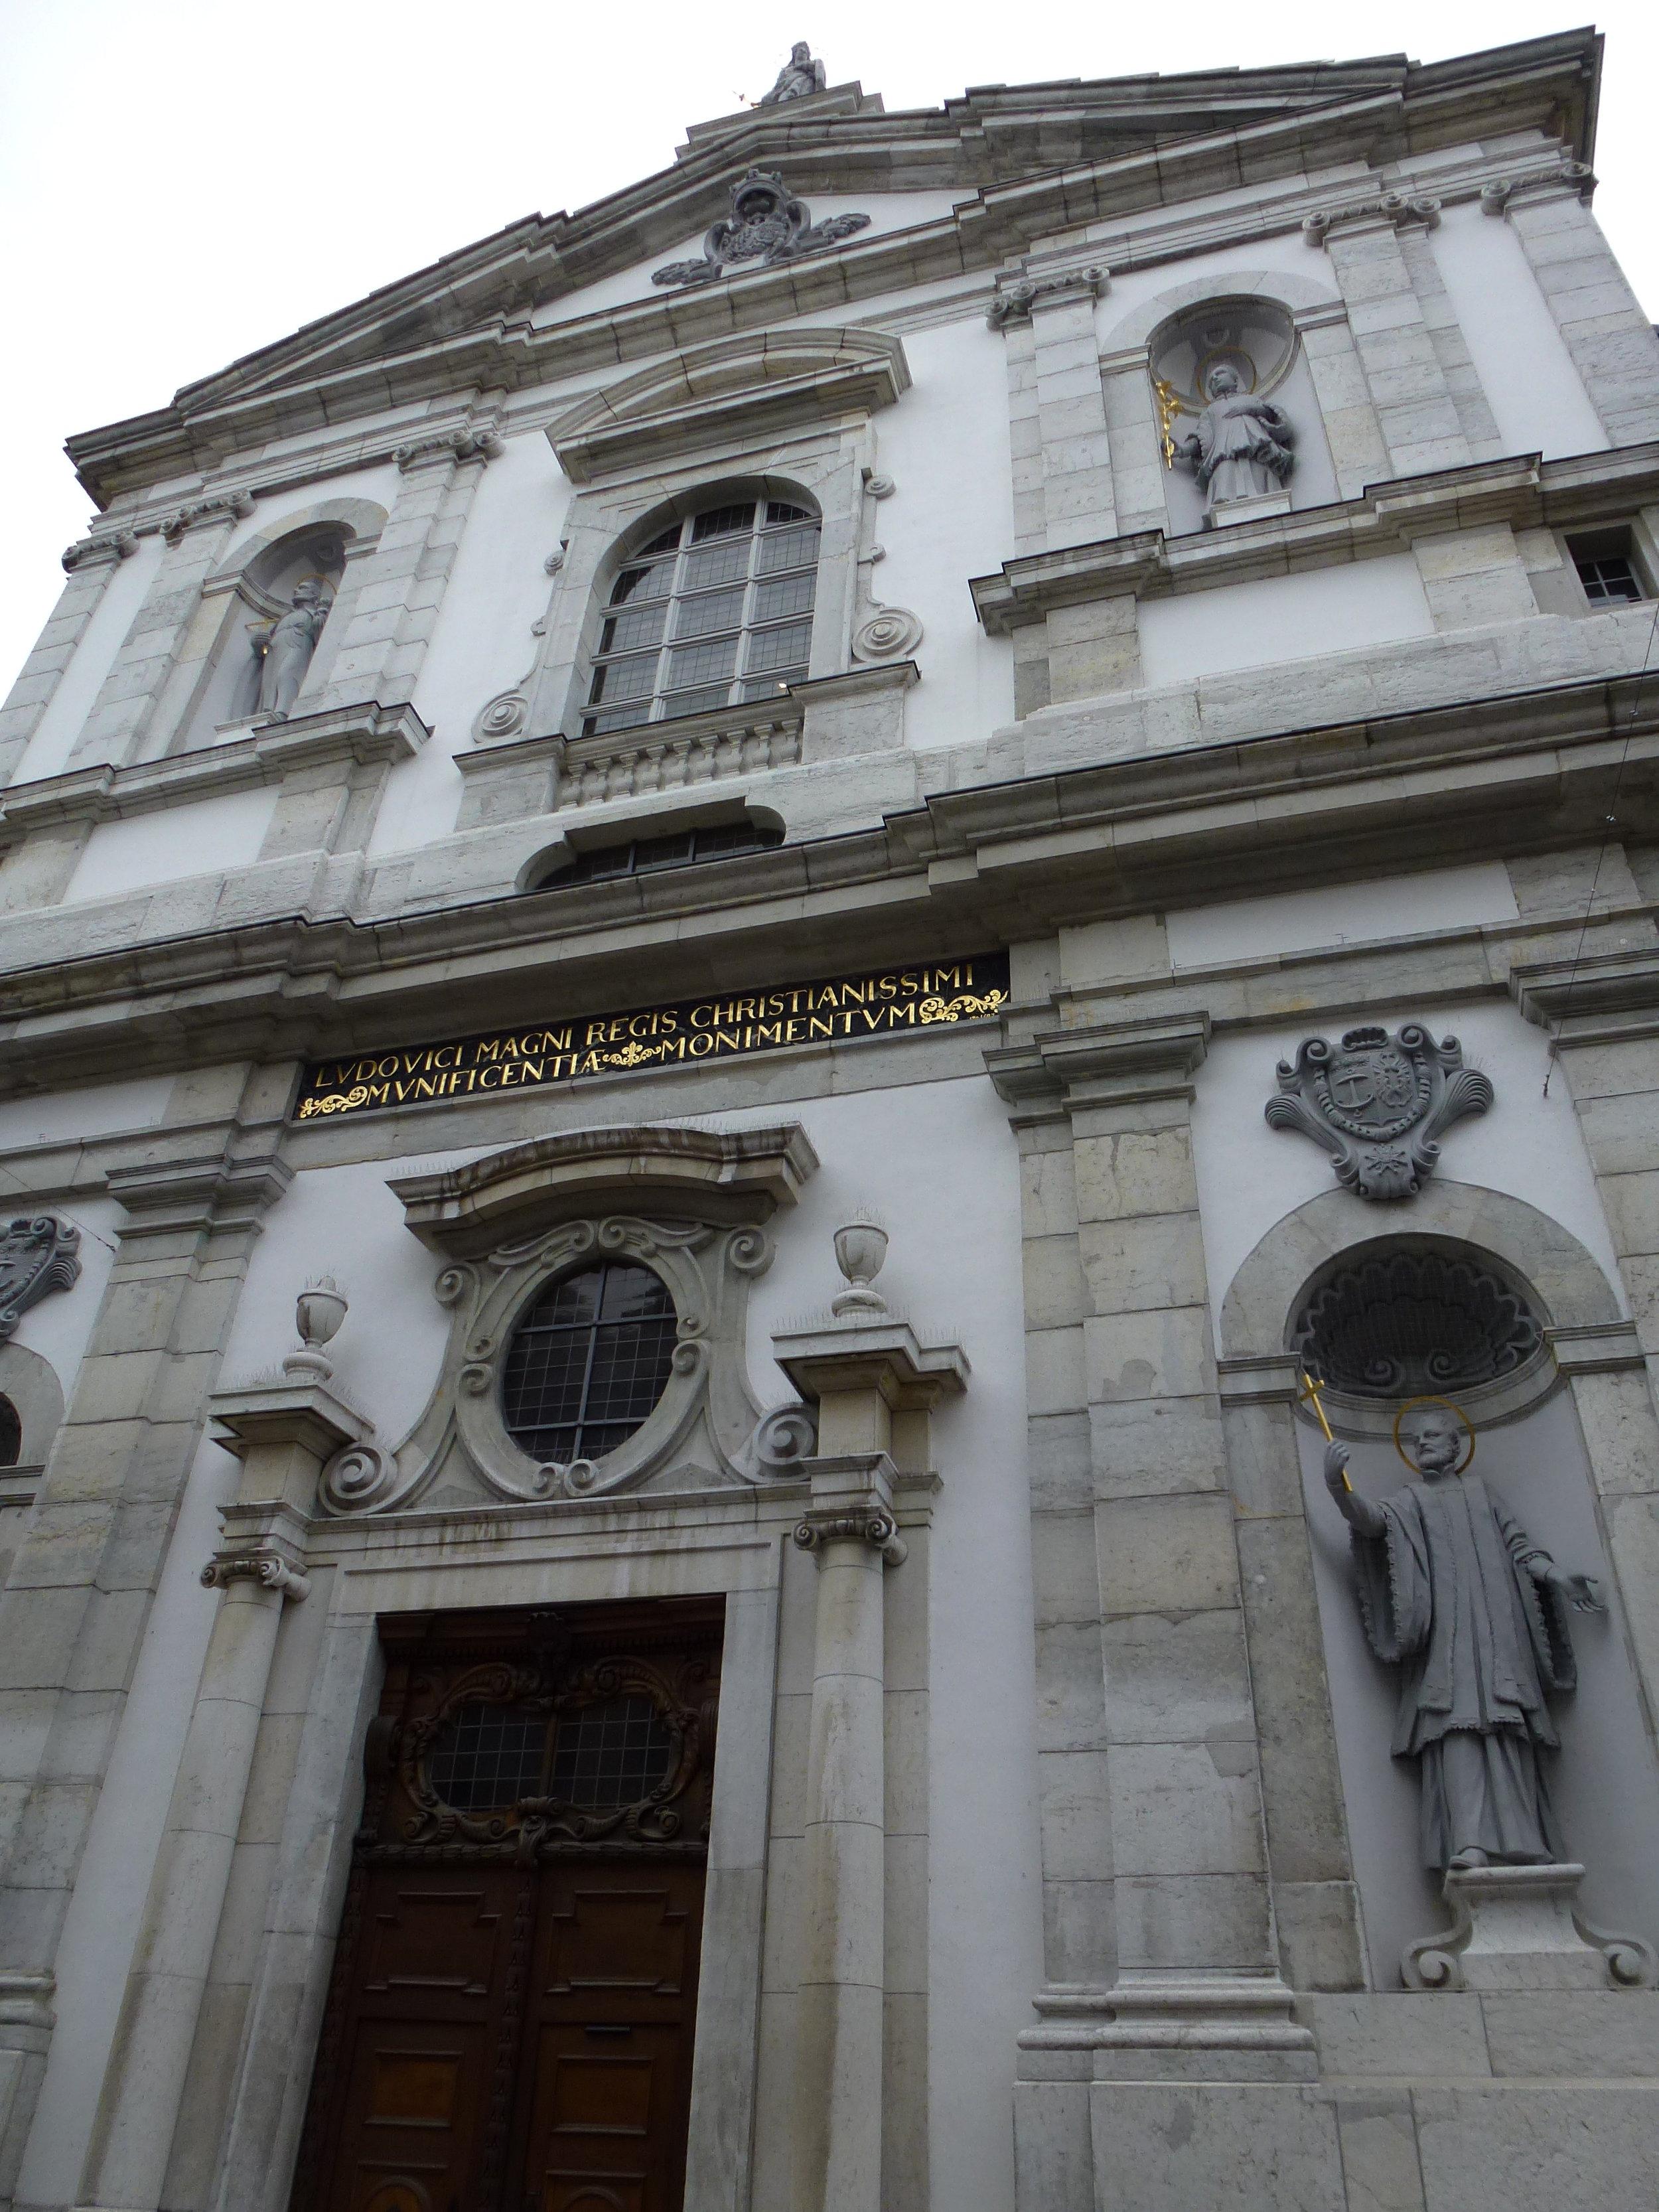 L'église des Jésuites, construite entre 1680 et 1689